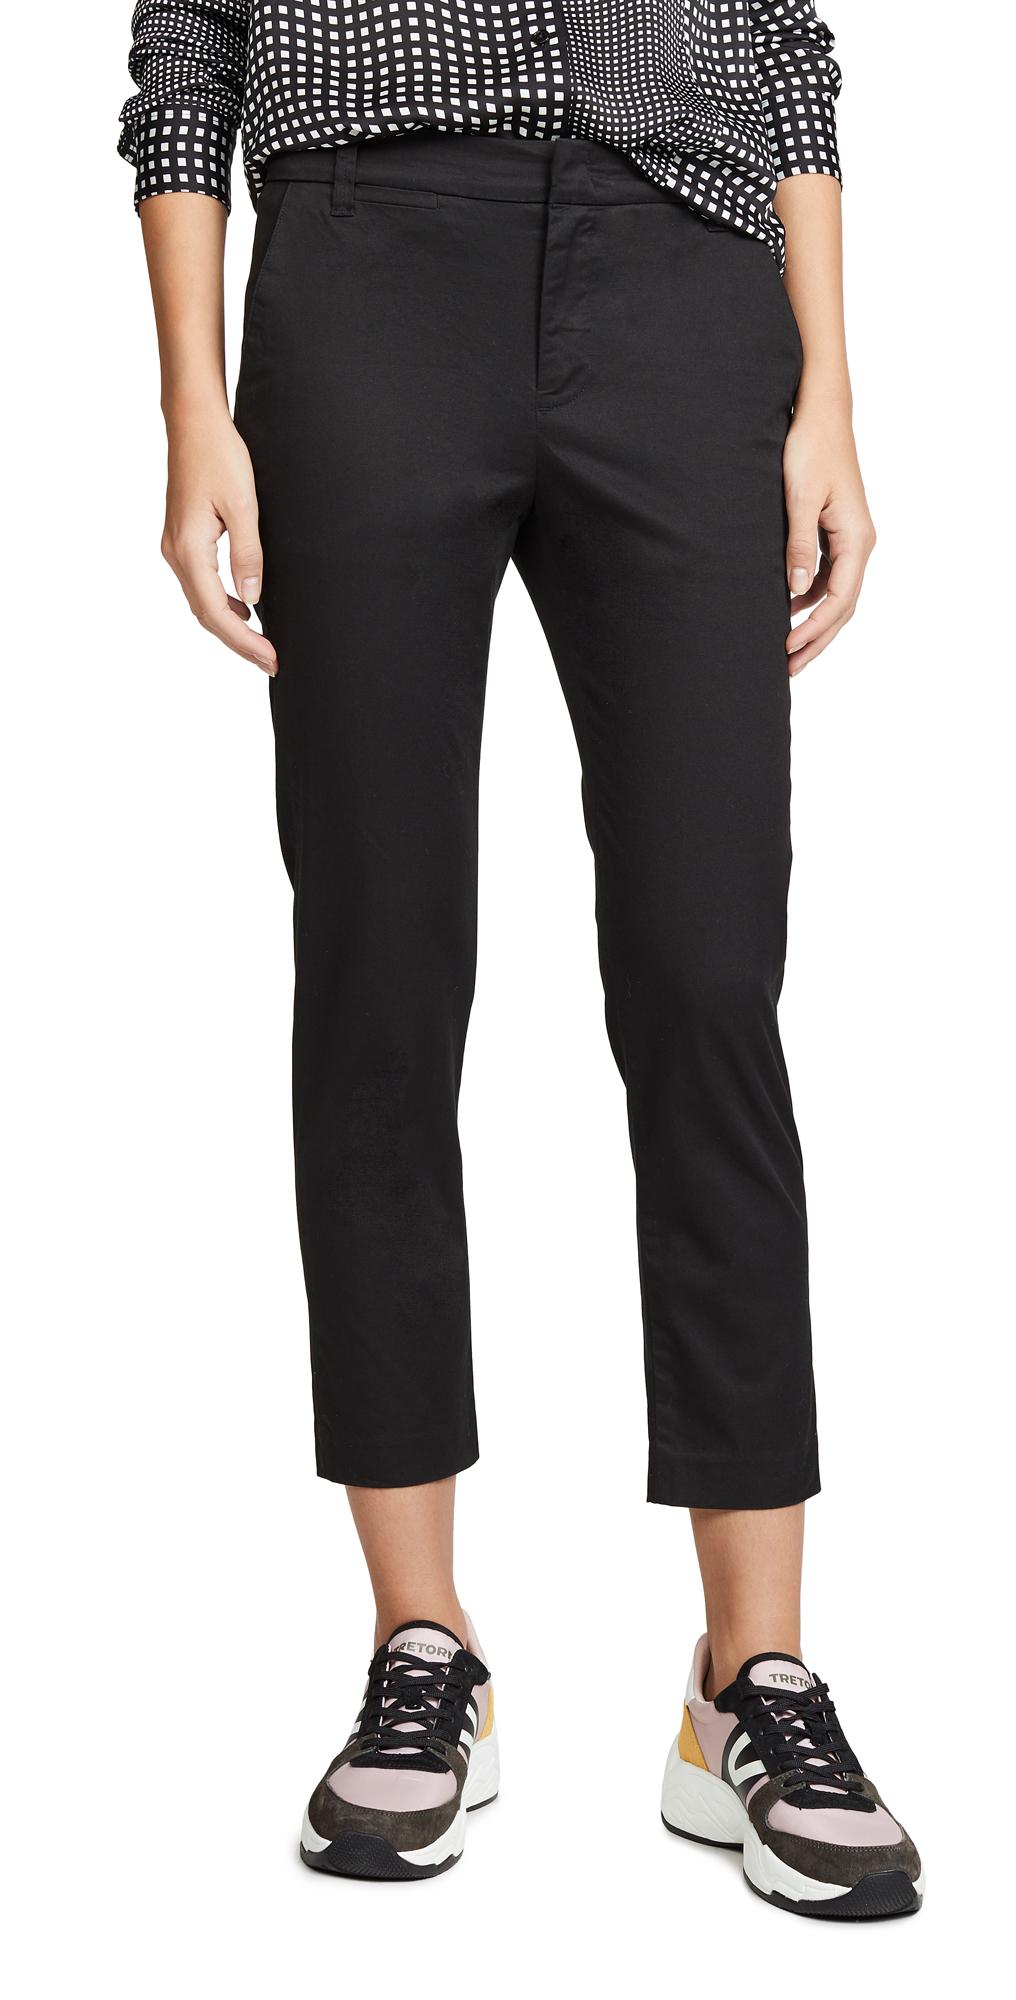 Vince Coin Pocket Chino Pants